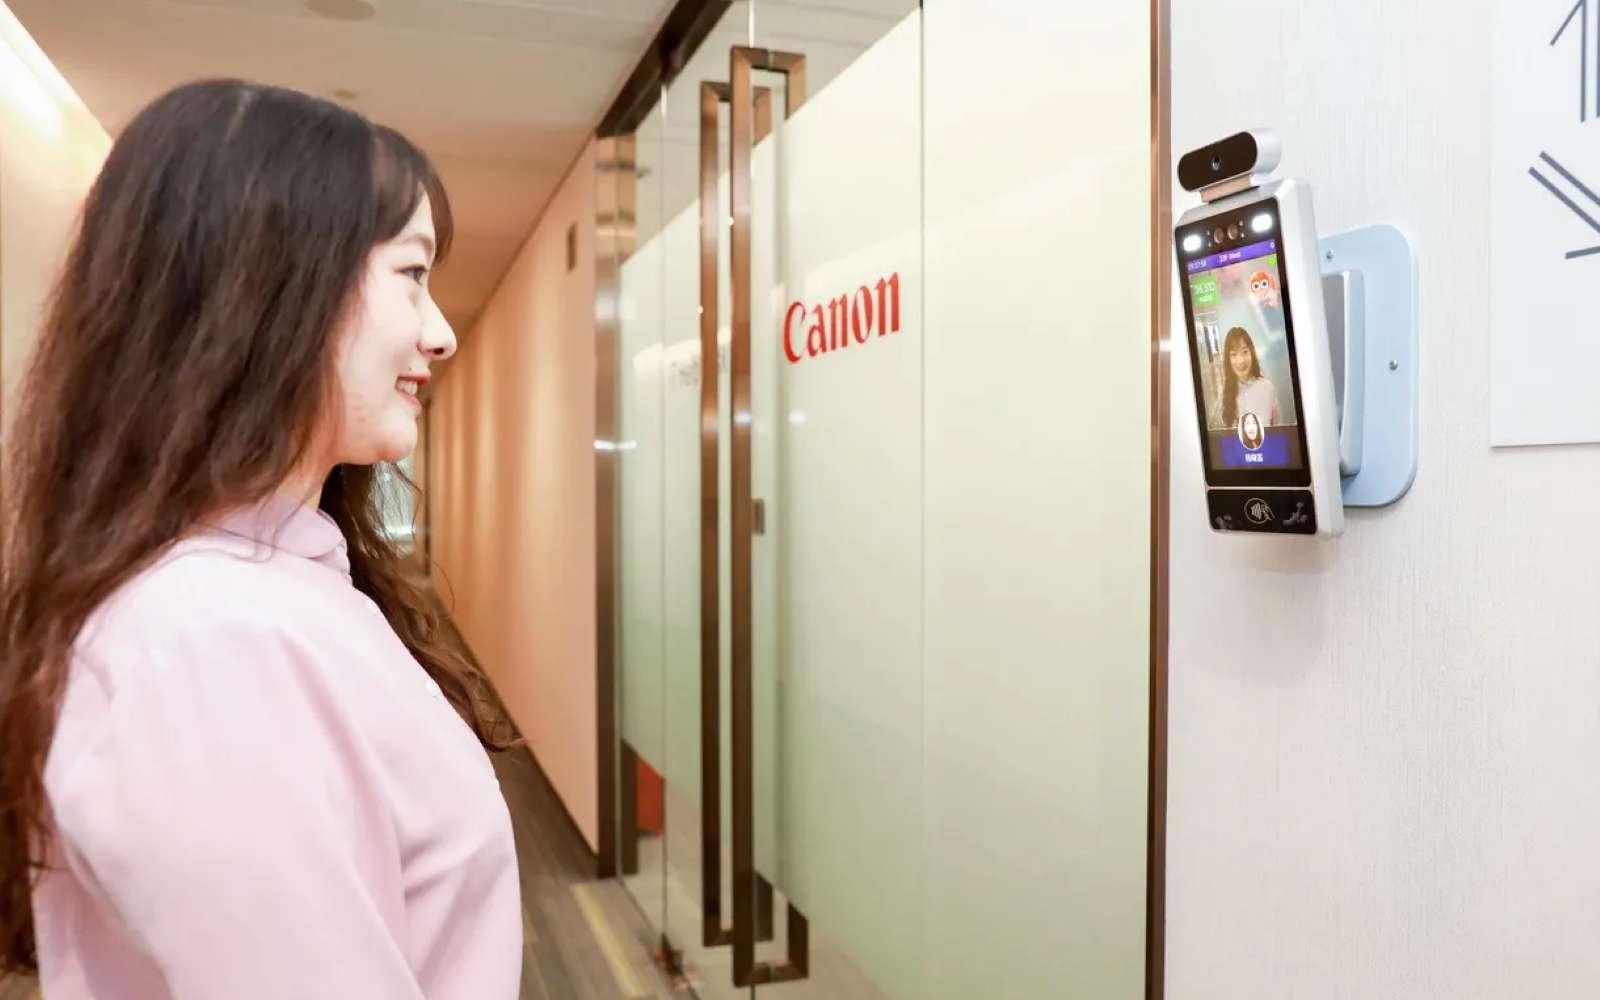 Un sourire pour entrer serait une façon d'apporter une ambiance positive au bureau selon la filiale chinoise de Canon. © Canon